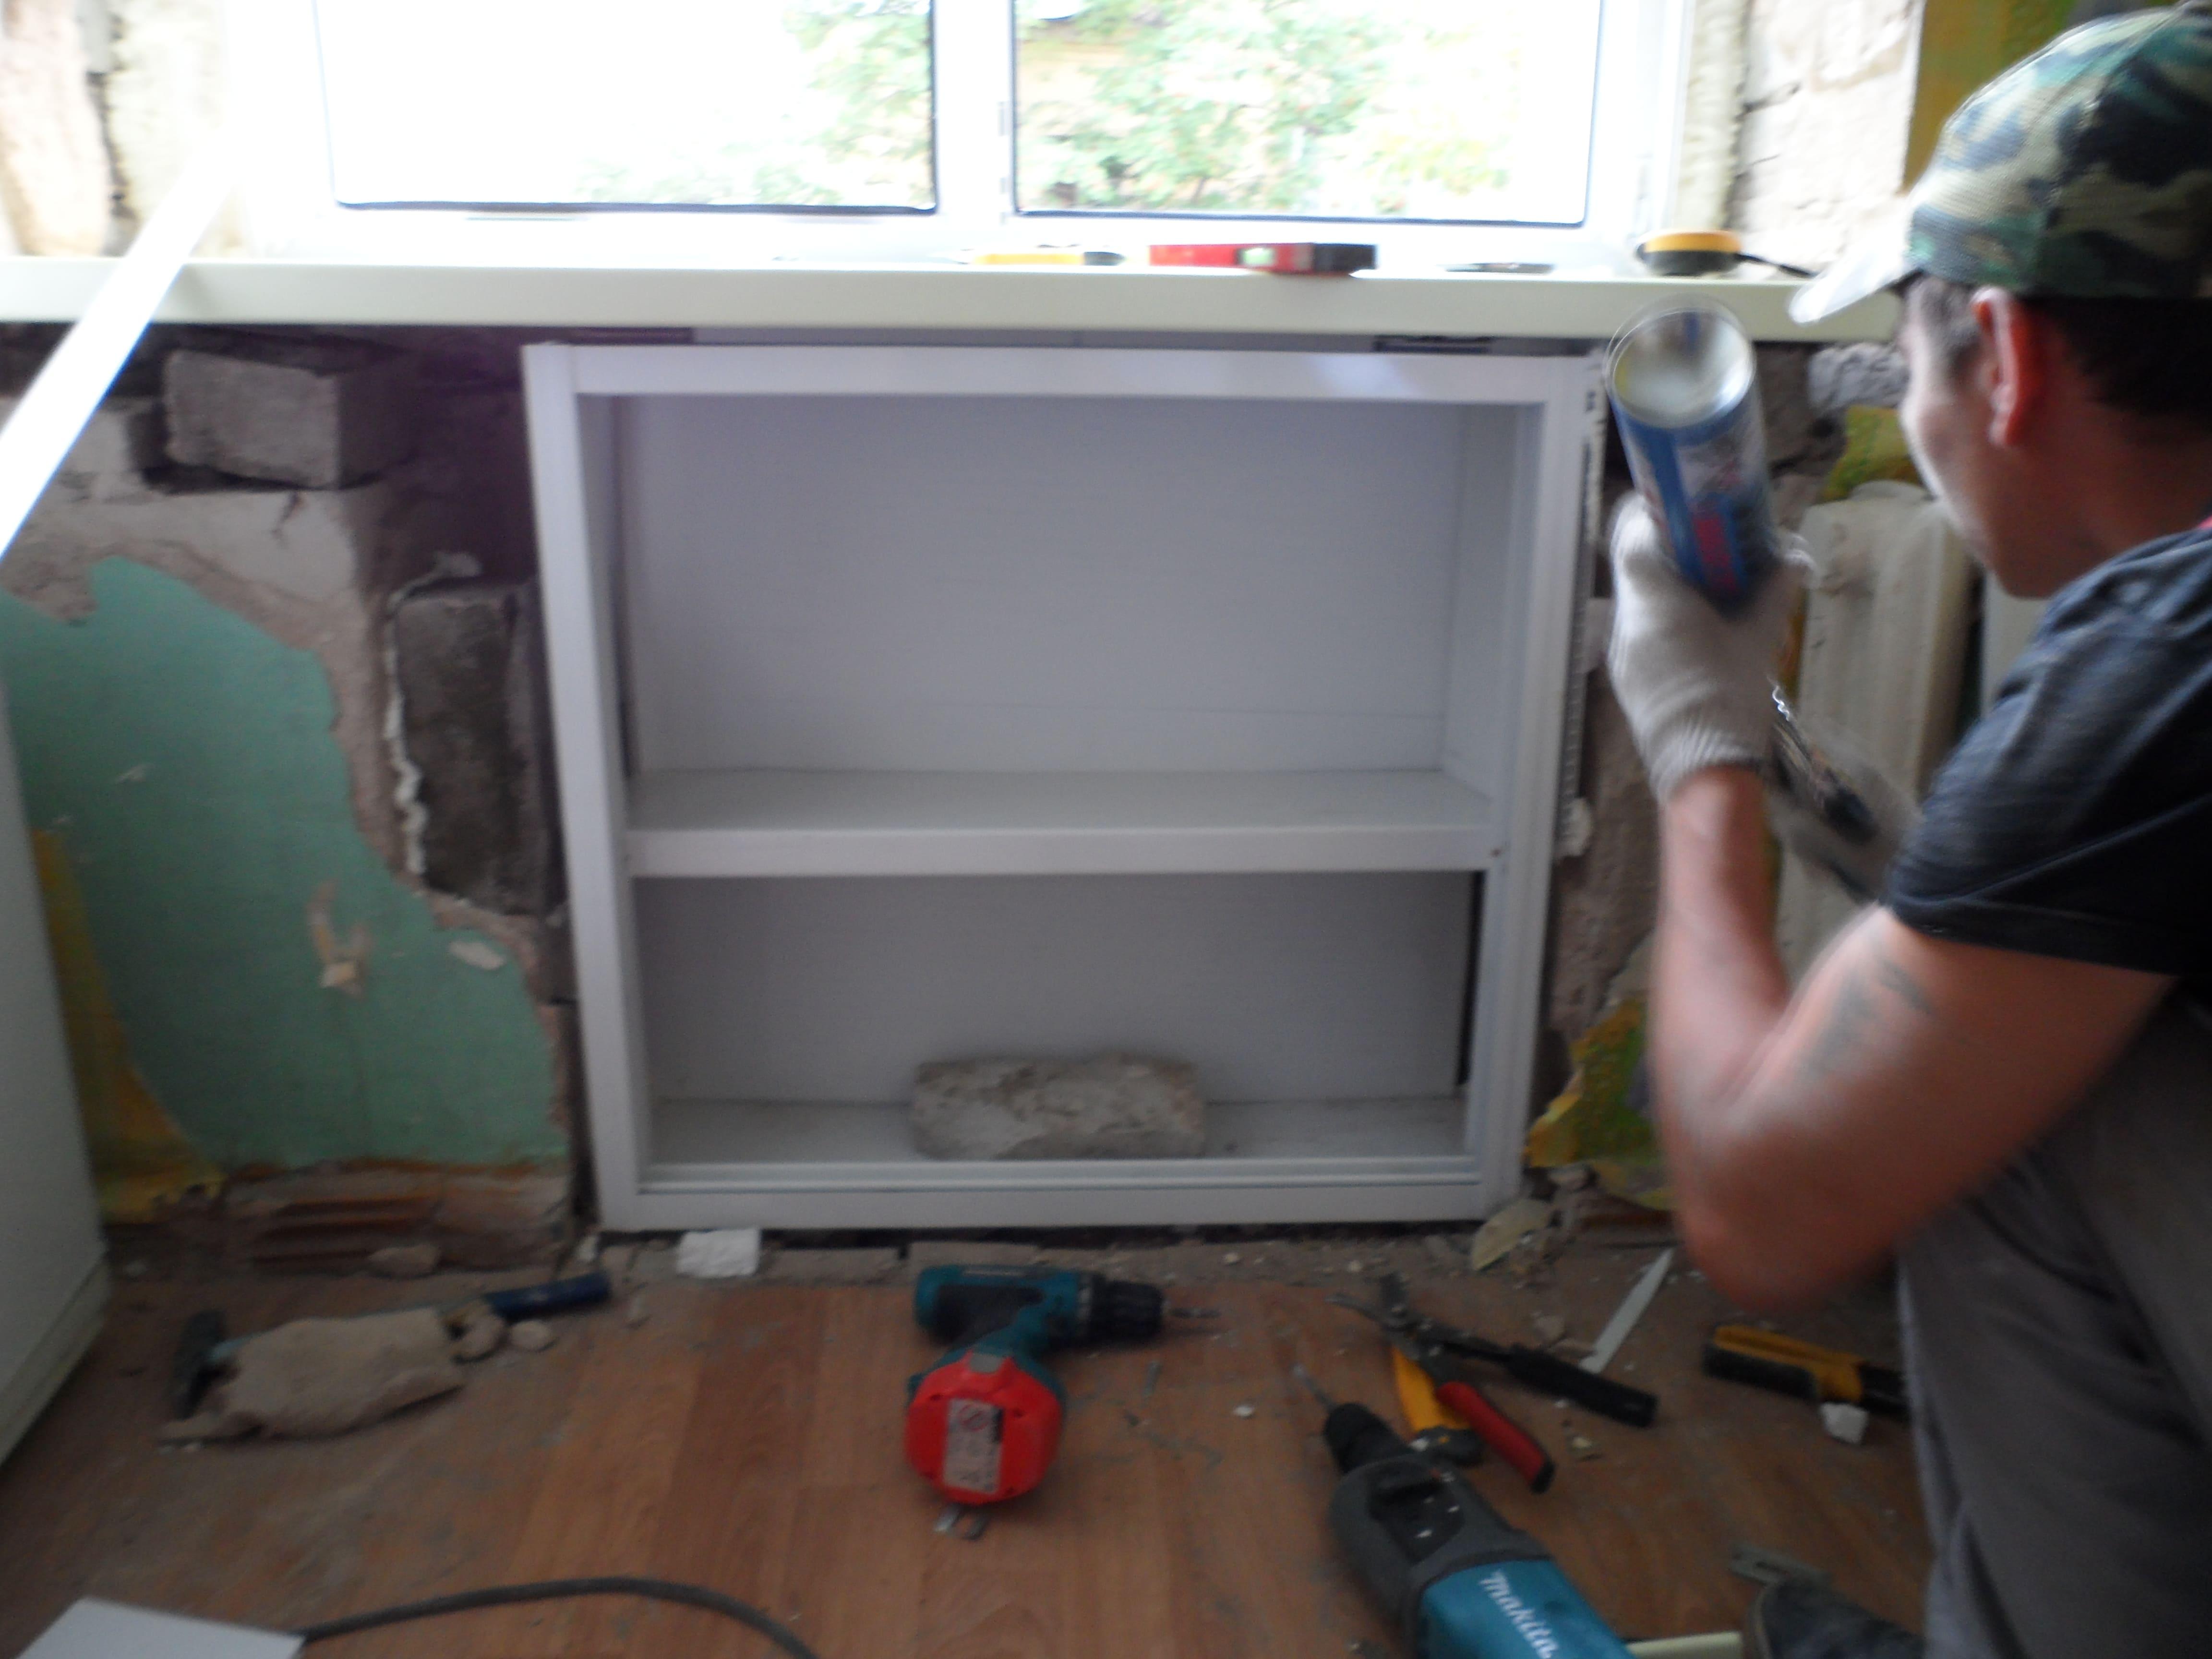 Холодильник под окном: пошаговая отделка хрущевской ниши 30 фото